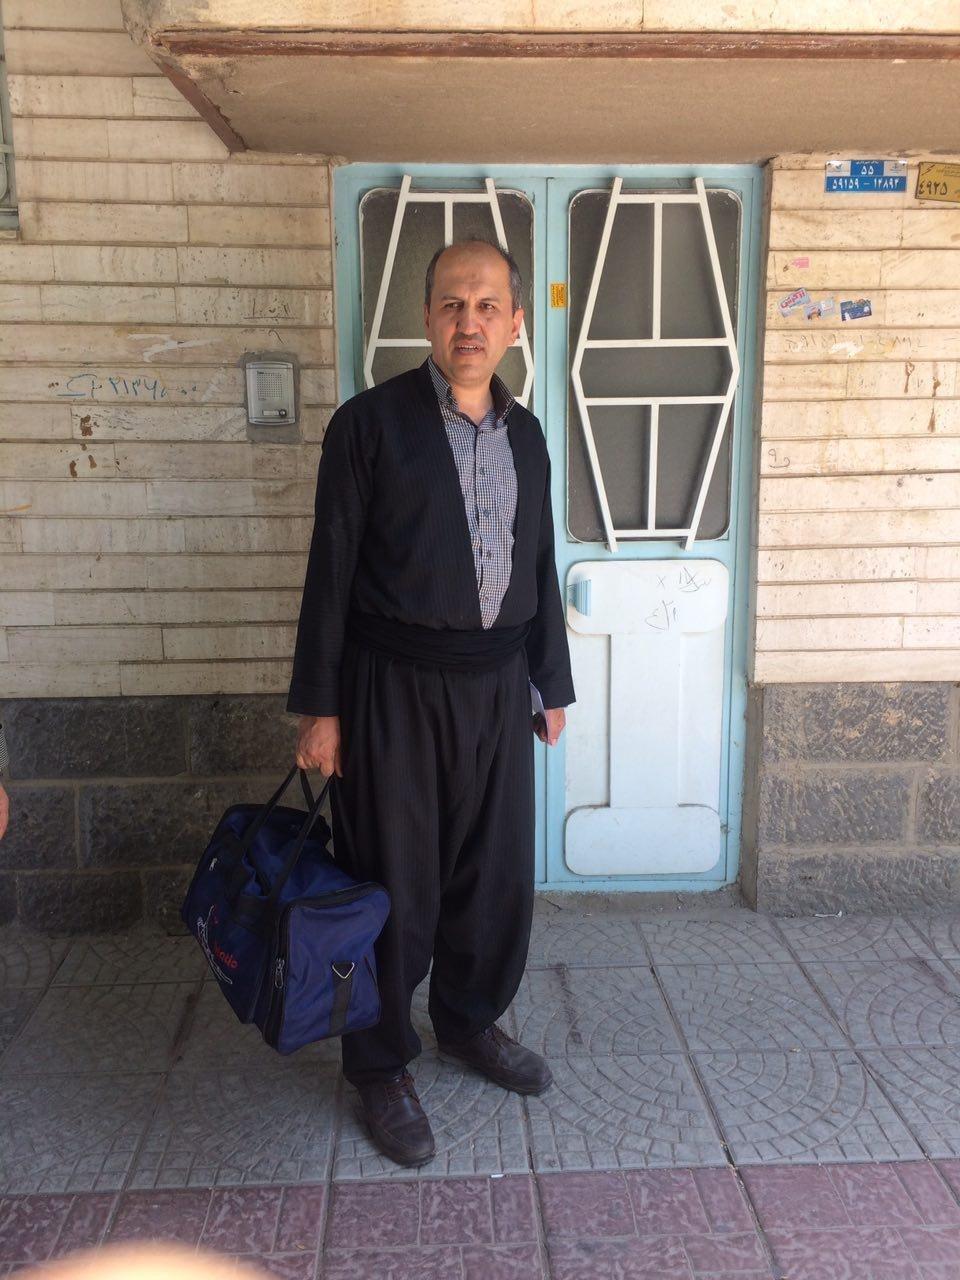 تصویر «بختیار عارفی» جهت اجرای حکم راهی زندان مهاباد شد